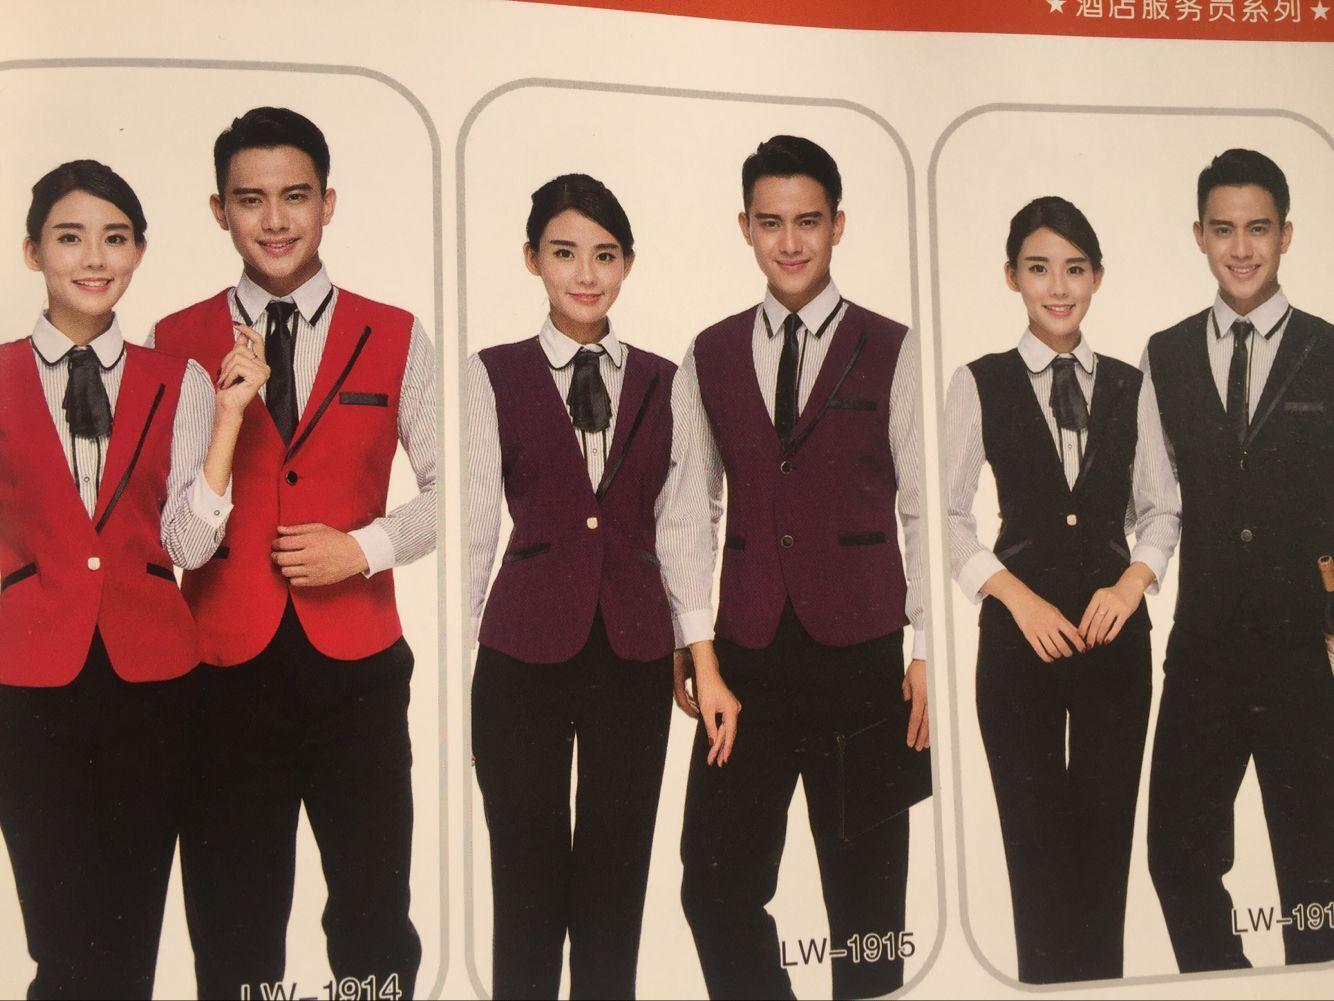 上海酒店工作服订做 上海专业定制酒店餐厅服务员服装